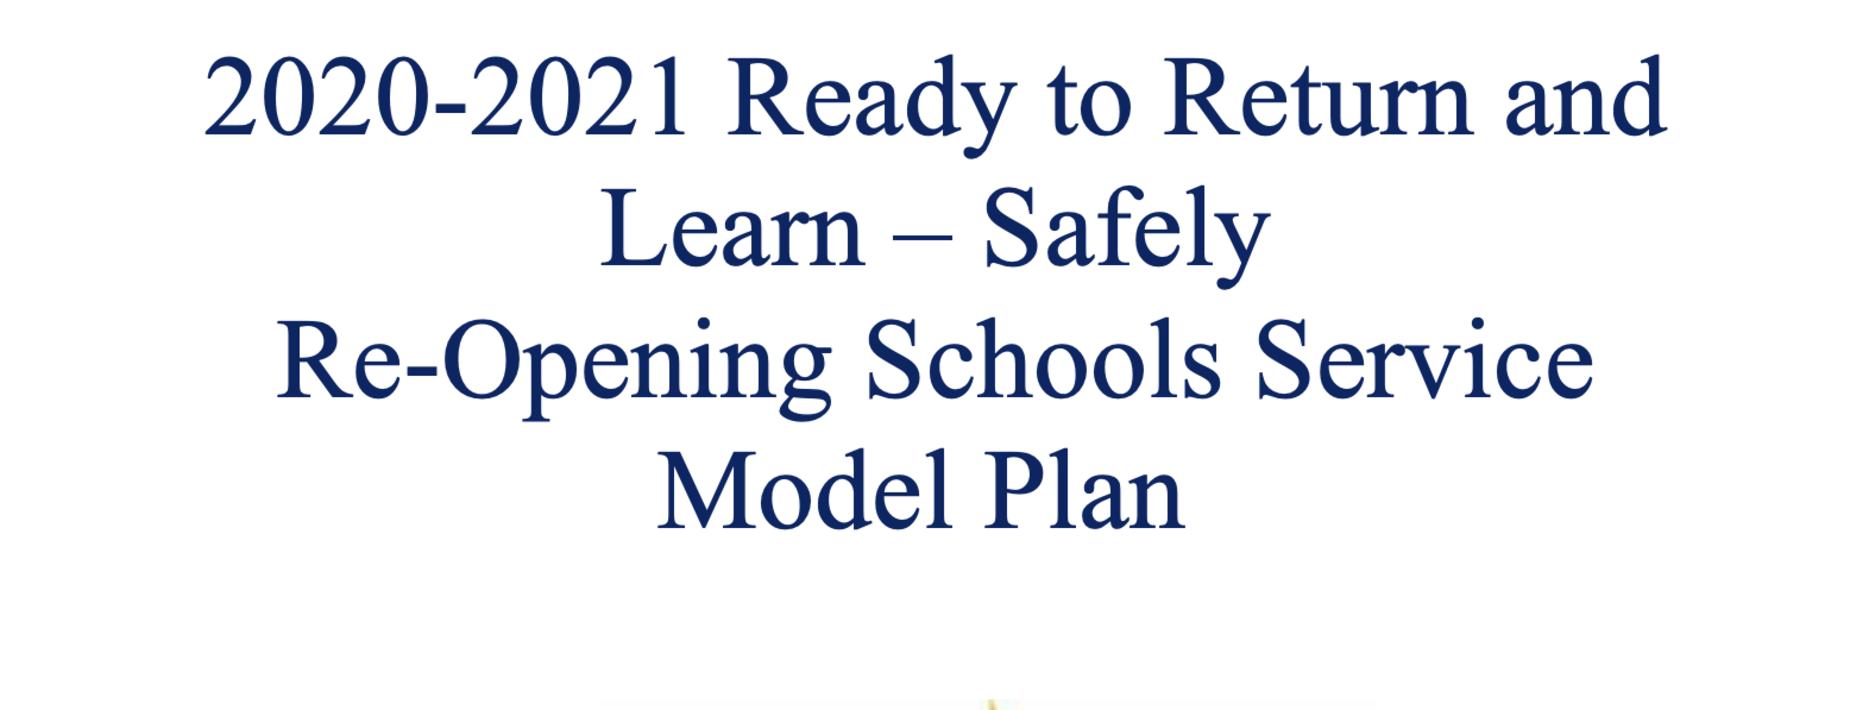 Re-opening schools plan